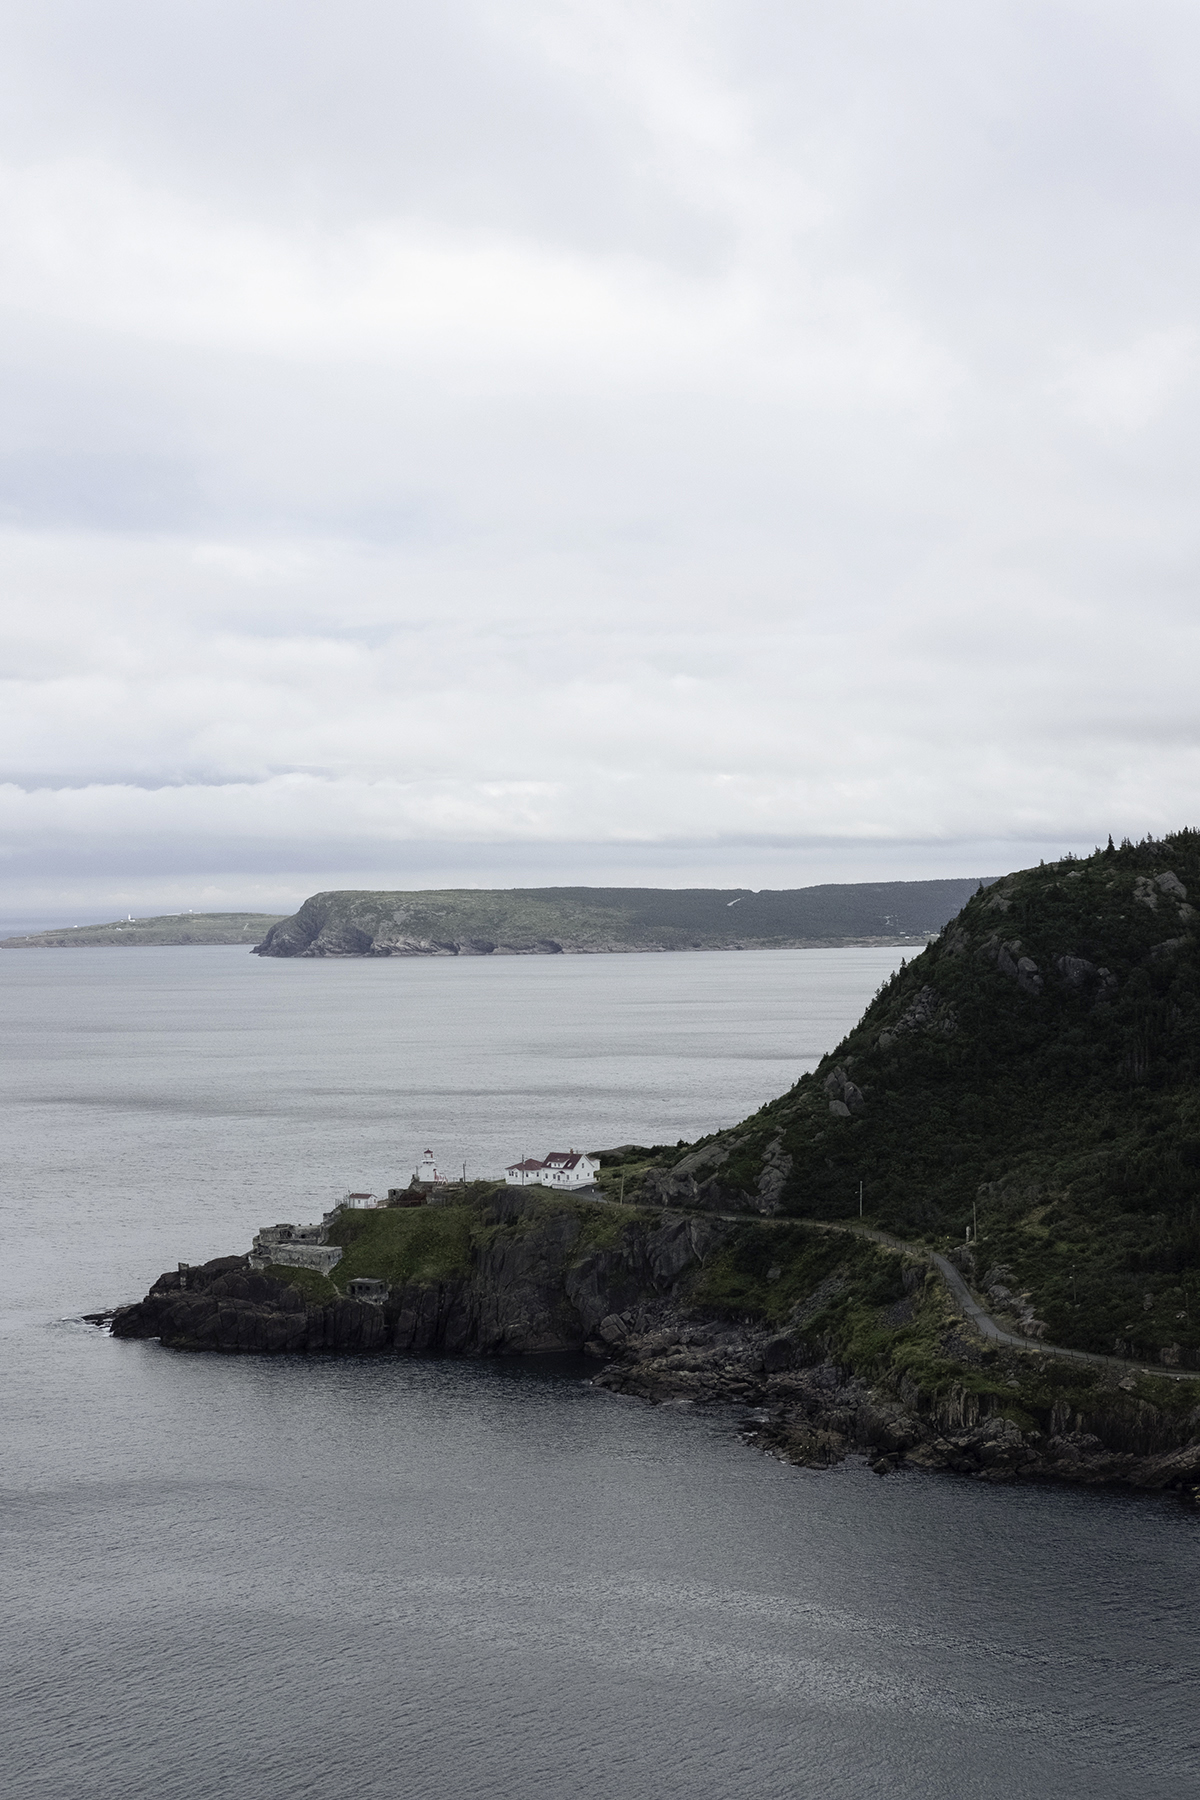 Signal Hill, Newfoundland. 2018